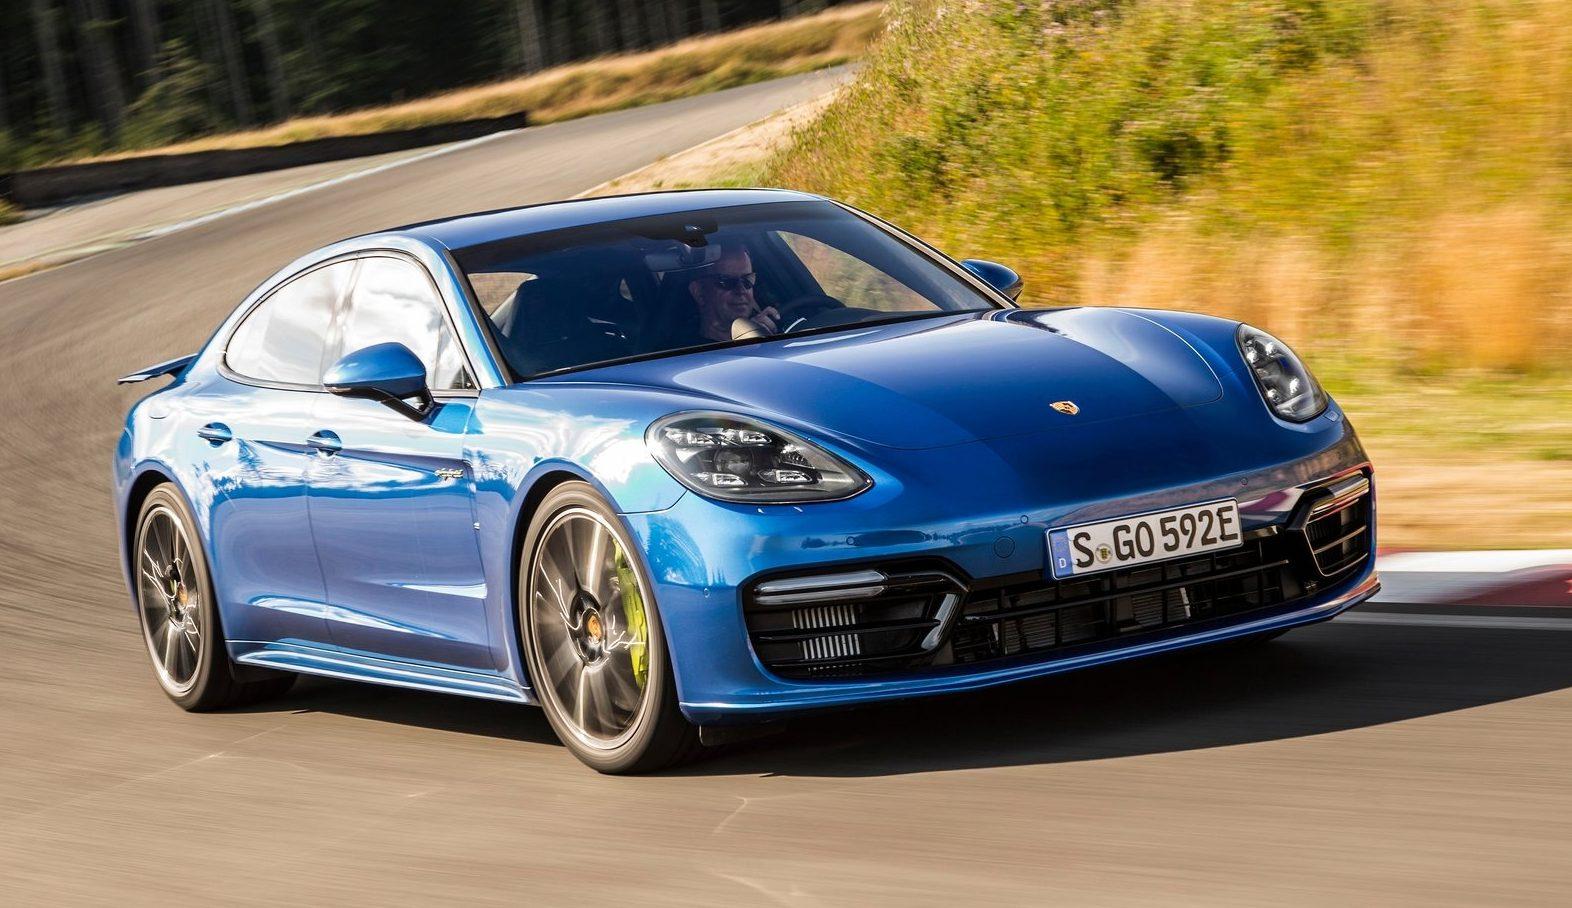 Novo Porsche Panamera Hybrid Chega Ao Brasil Por R 529 000 Quatro Rodas